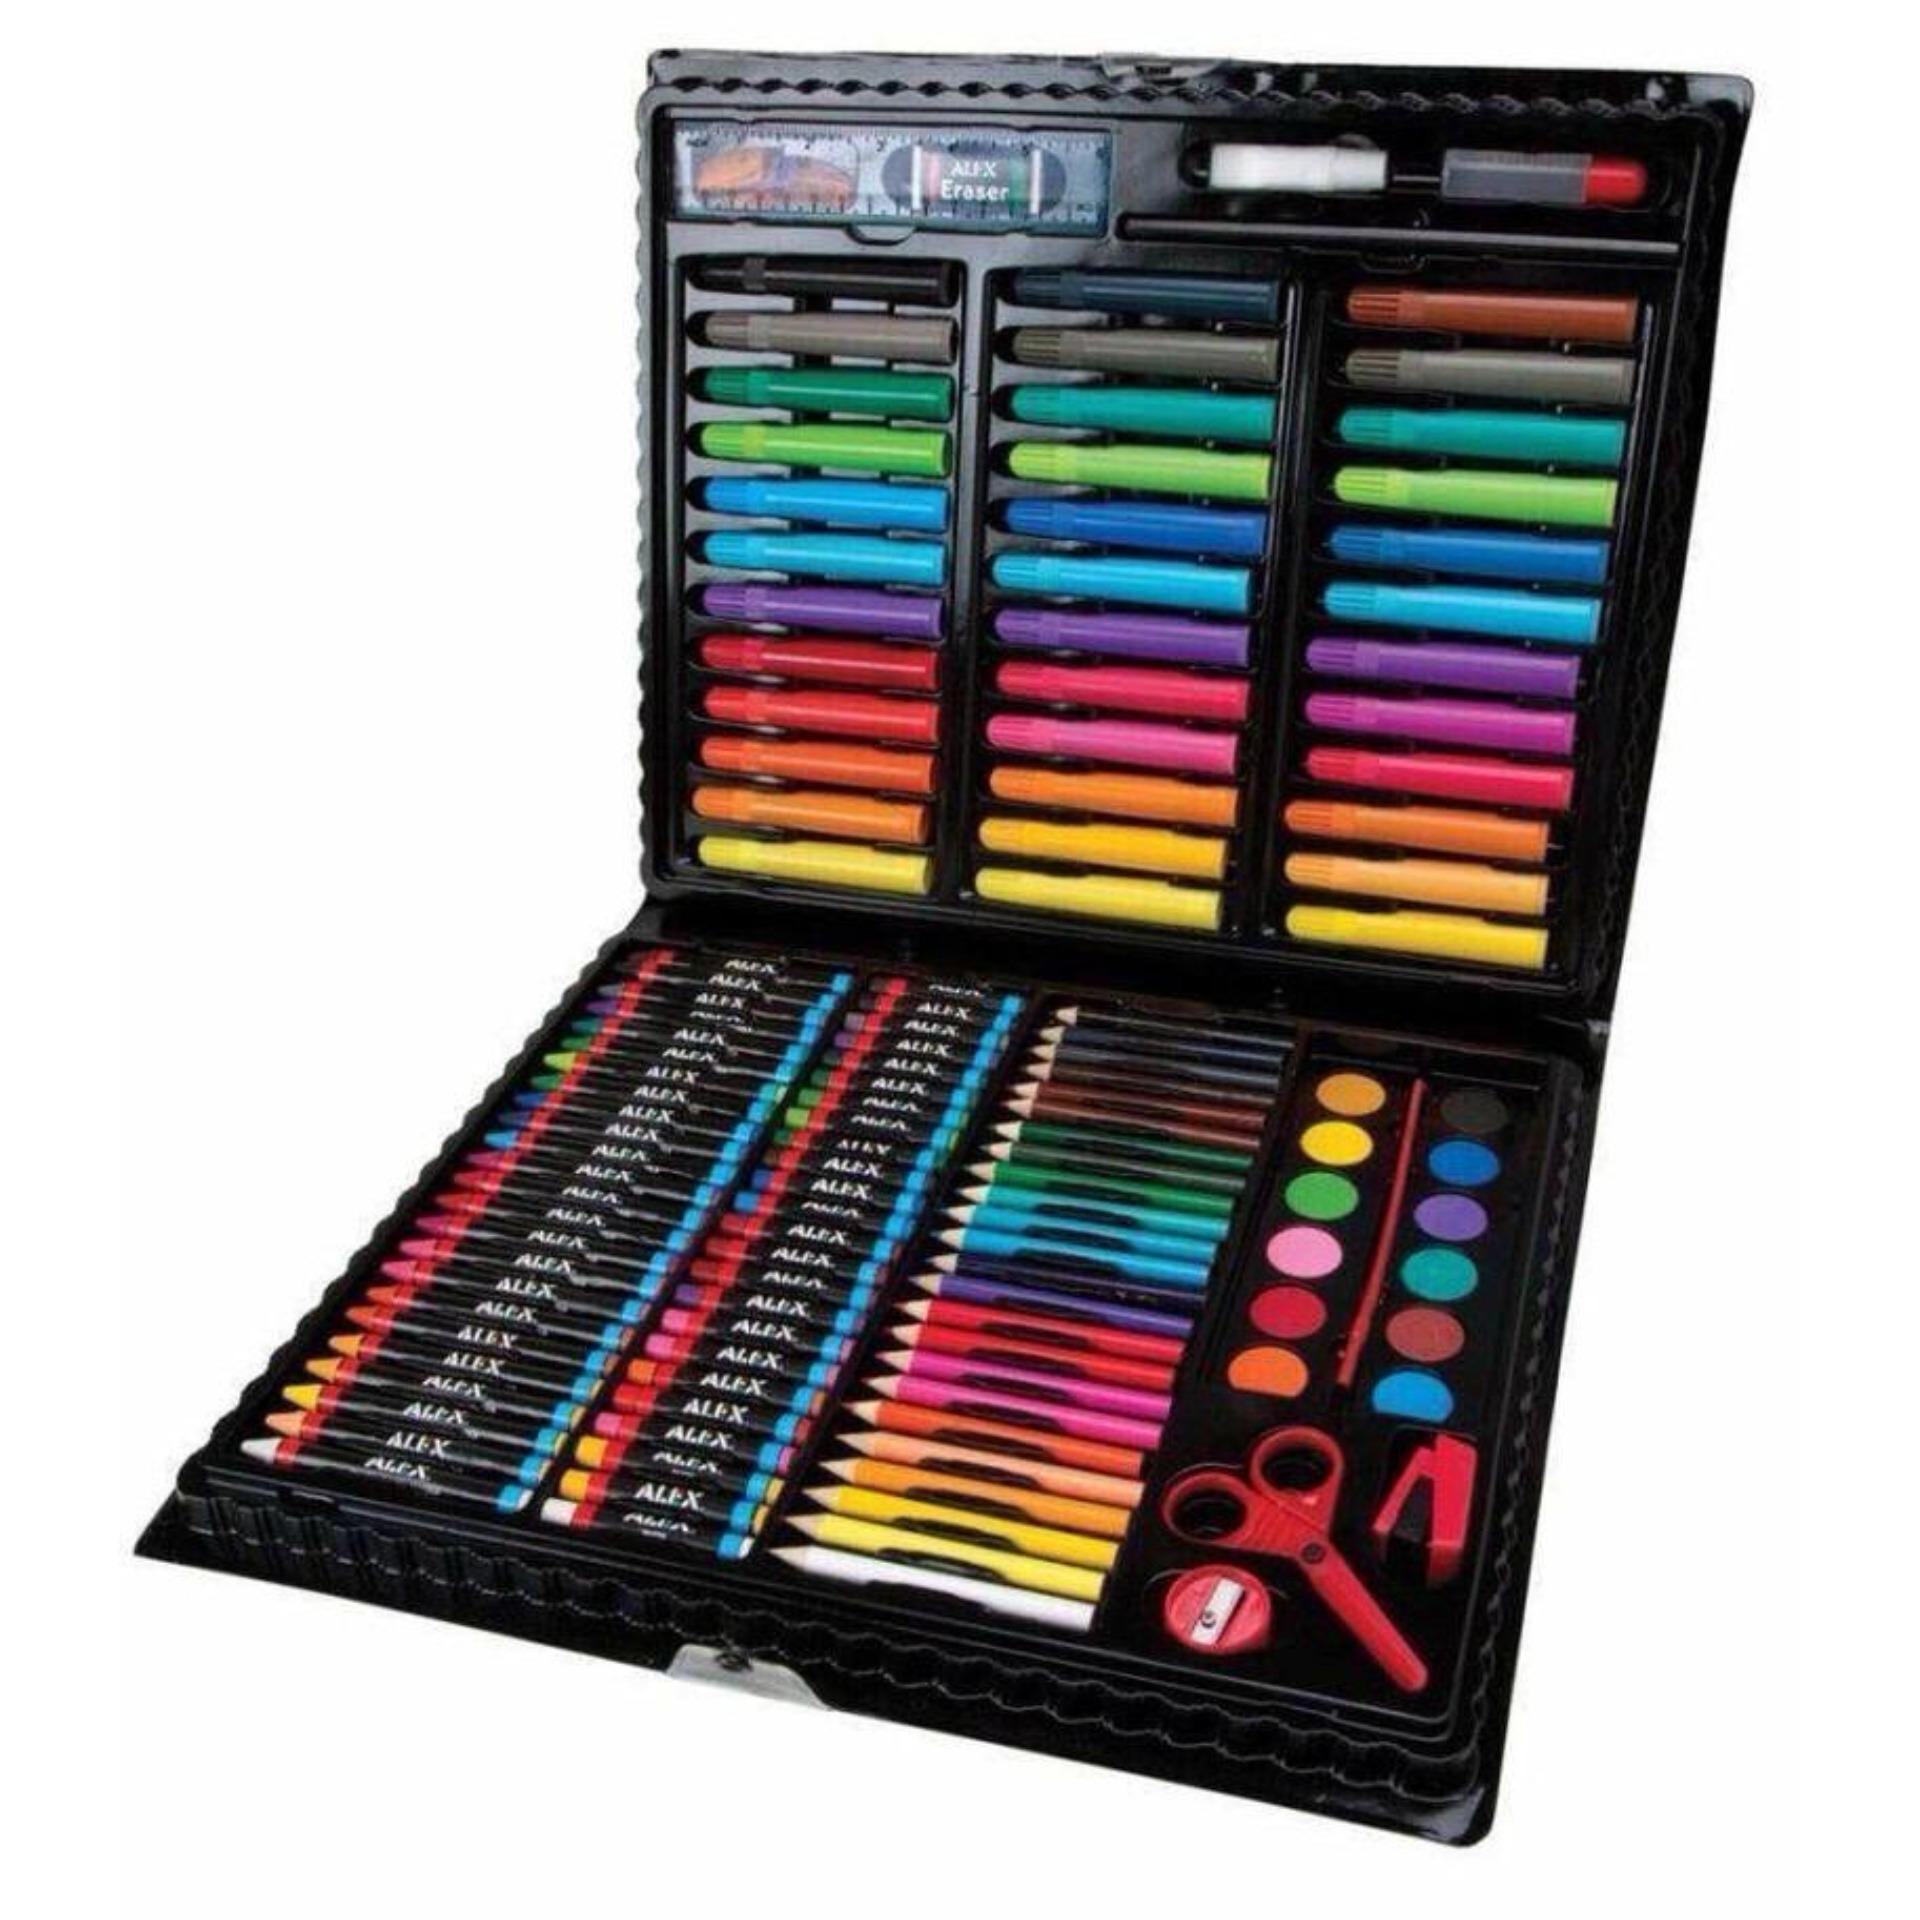 Hình ảnh Bộ bút màu 151 món (Màu dạ, màu chì, màu nước)